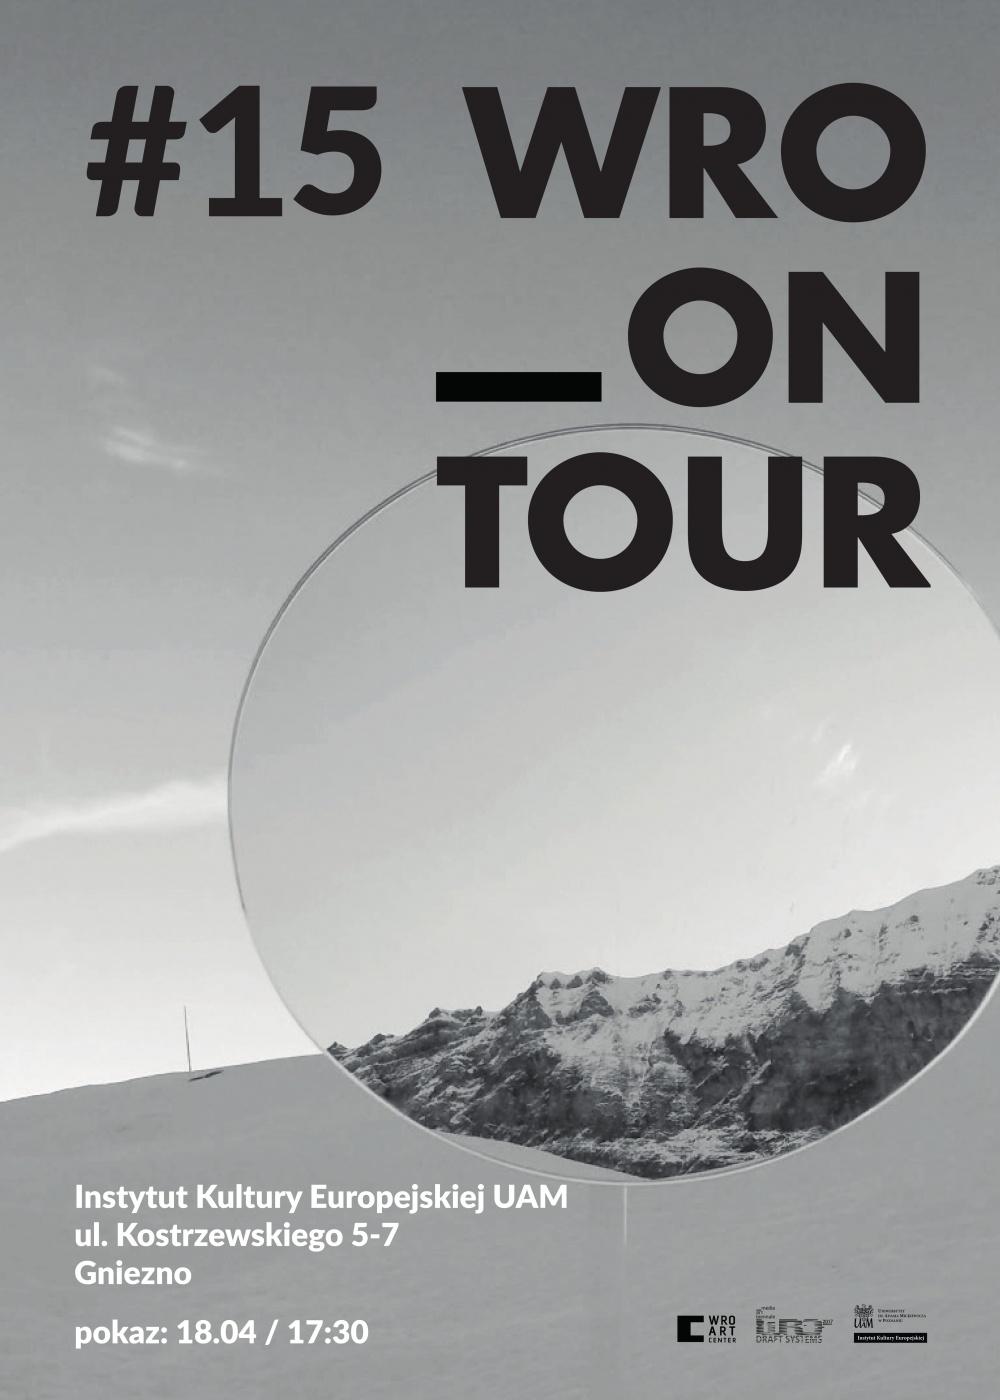 WRO on Tour #15 - projekcja i dyskusja